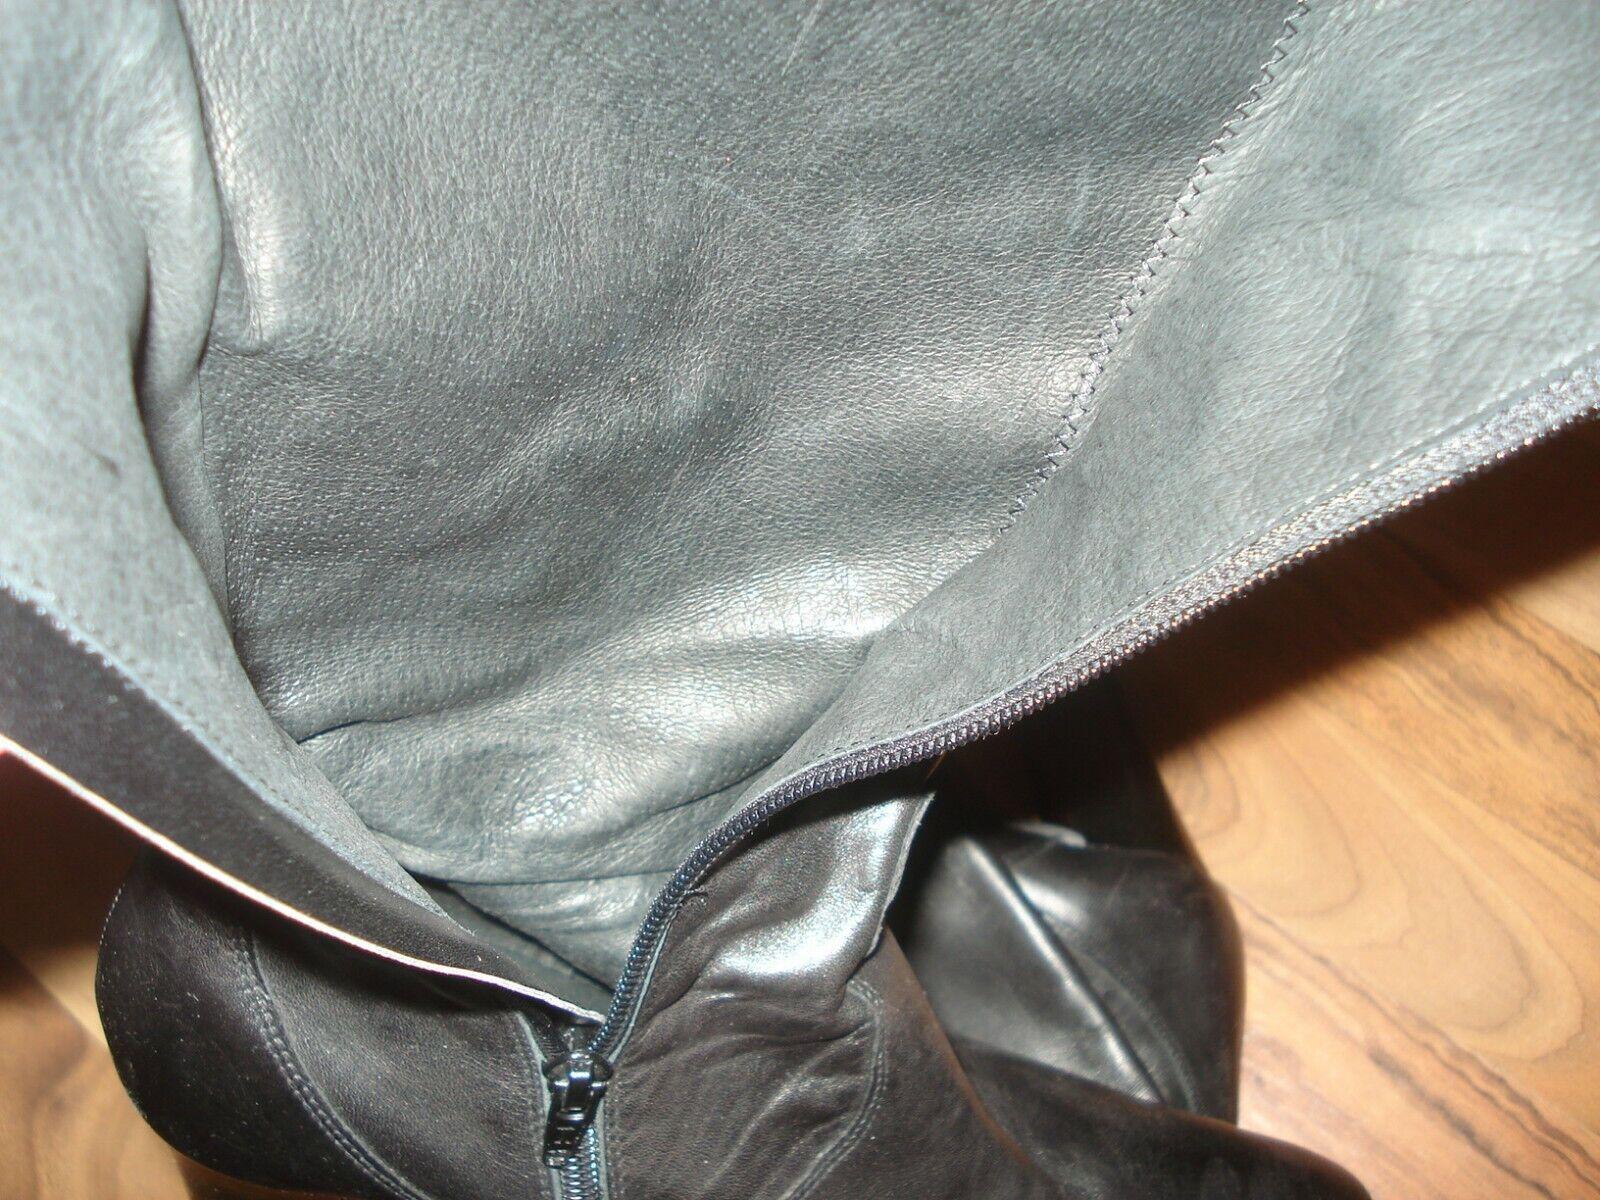 Stiefel schwarz Größe Größe Größe 38 neuwertig Alba Moda ungefüttert TOP ungefüttert a8efad